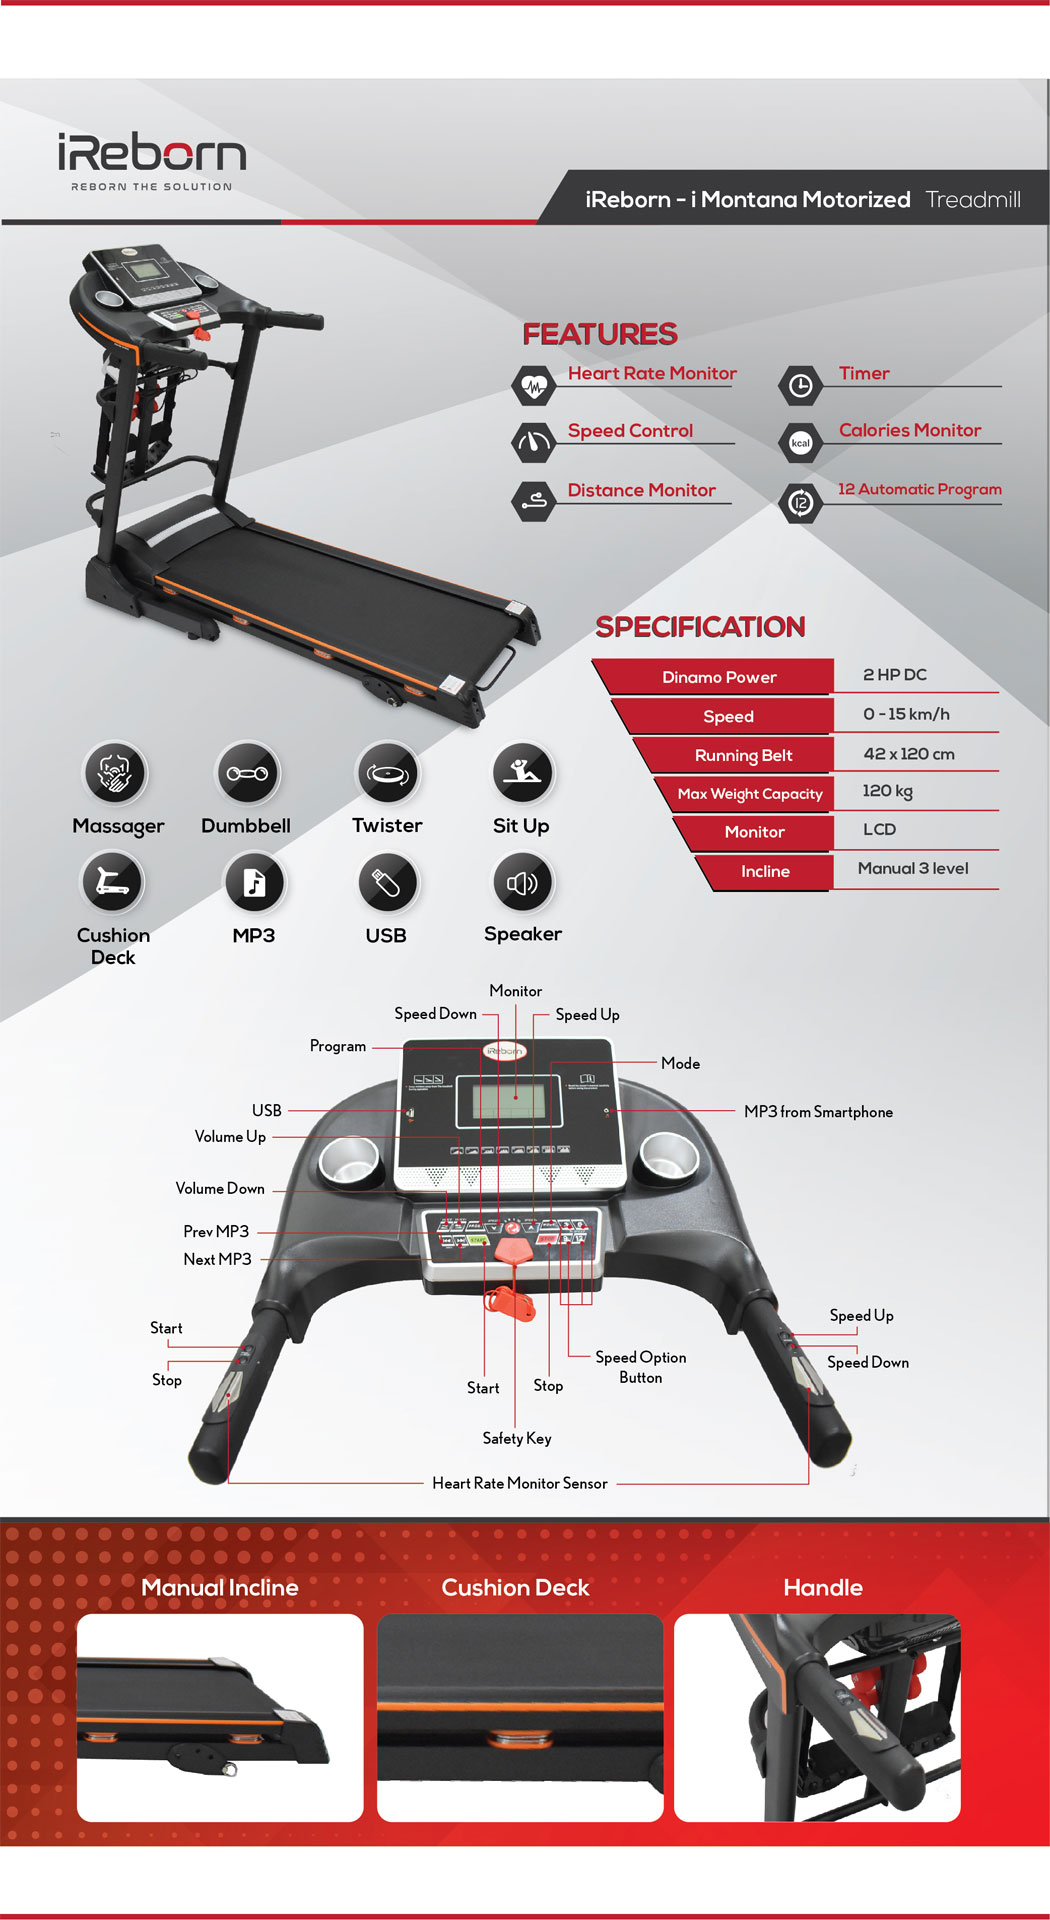 i-Montana Motorized Treadmill 21